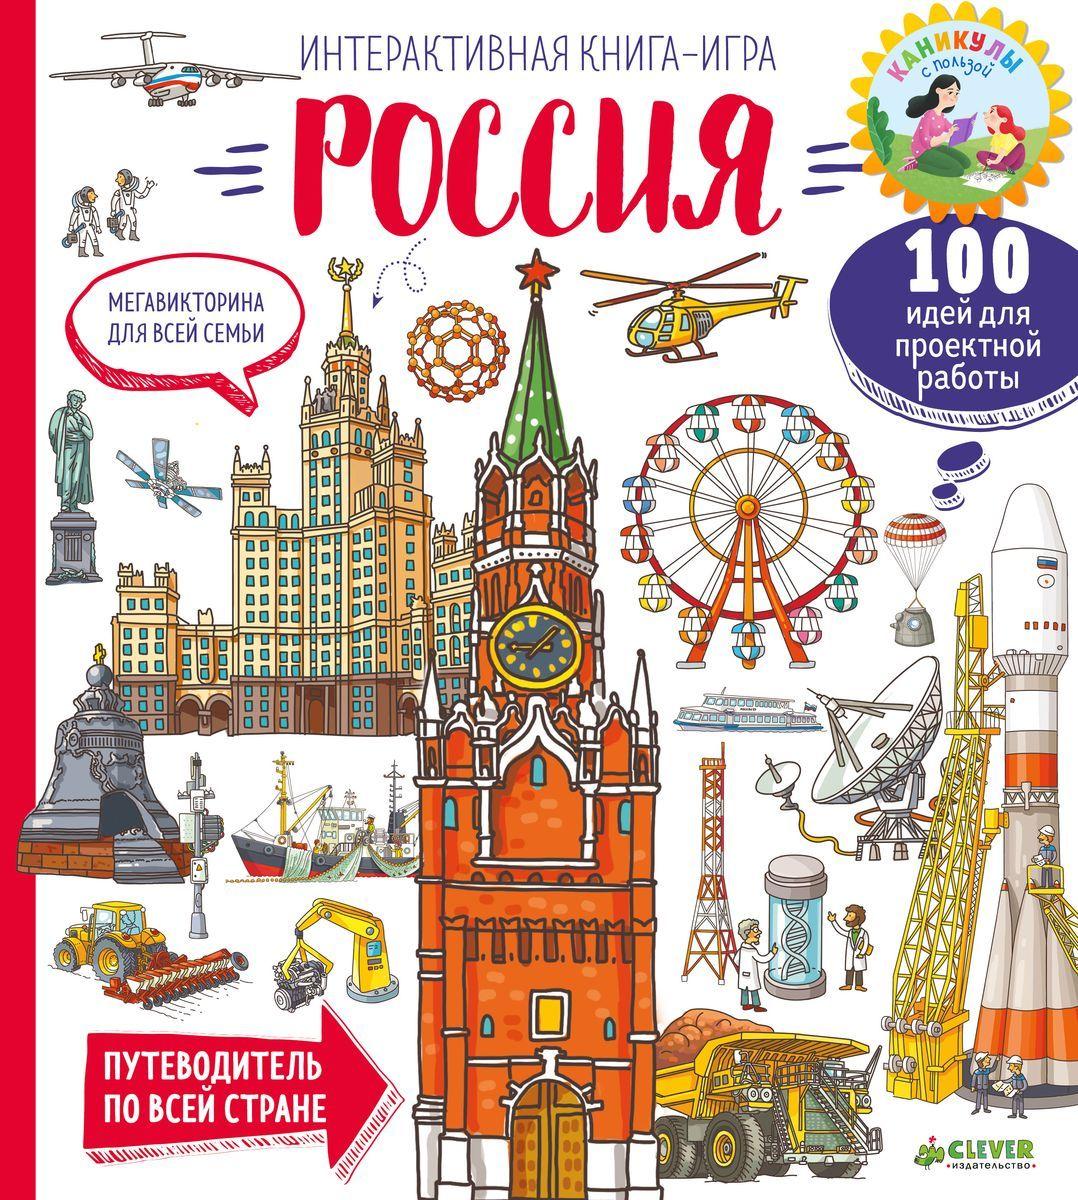 Мегавикторина для всей семьи. Россия. Интерактивная книга-игра